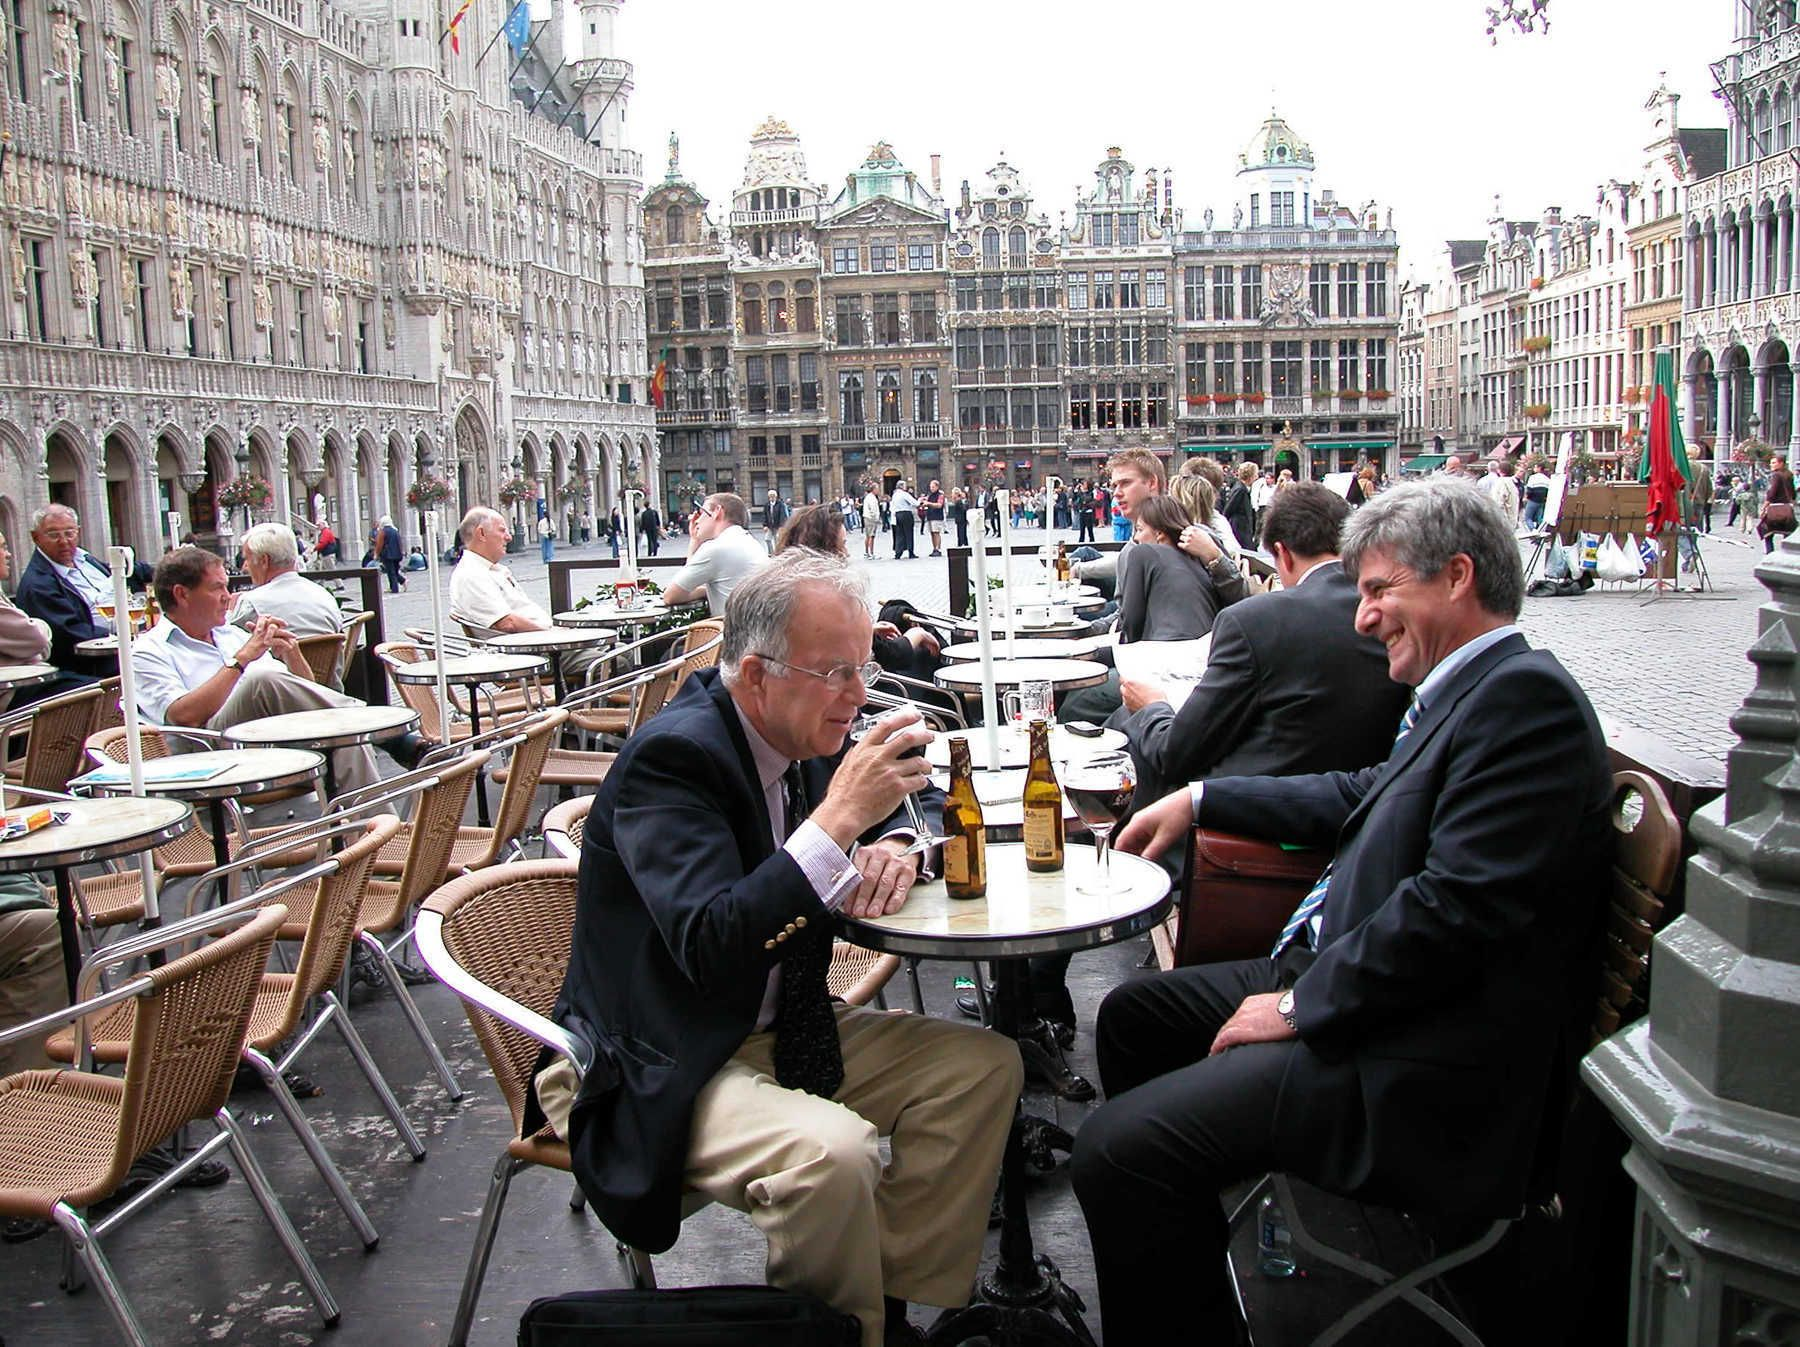 Café al aire libre bebedores, Grand Place, Bruselas, Bélgica